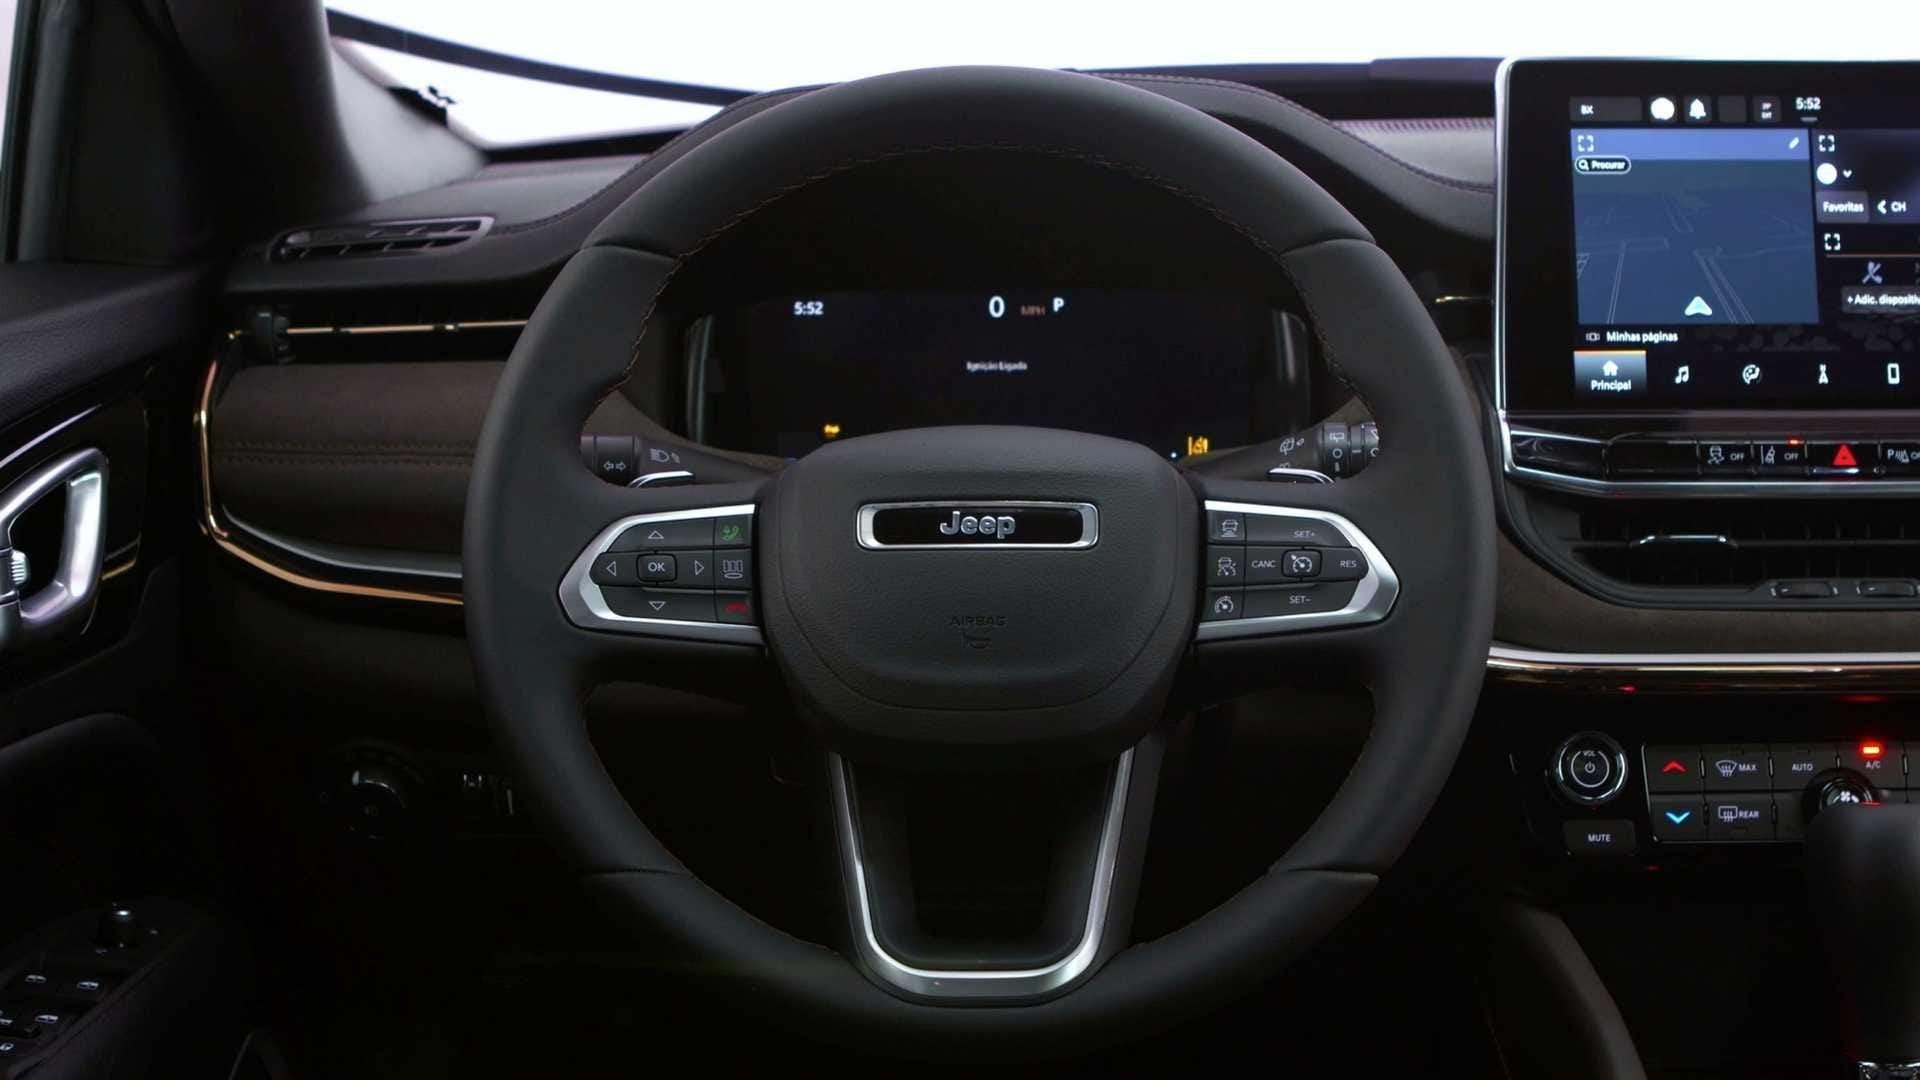 El diseño del tablero del Jeep Meridian se mantiene más o menos sin cambios en comparación con el Compass.  Imagen: Jeep